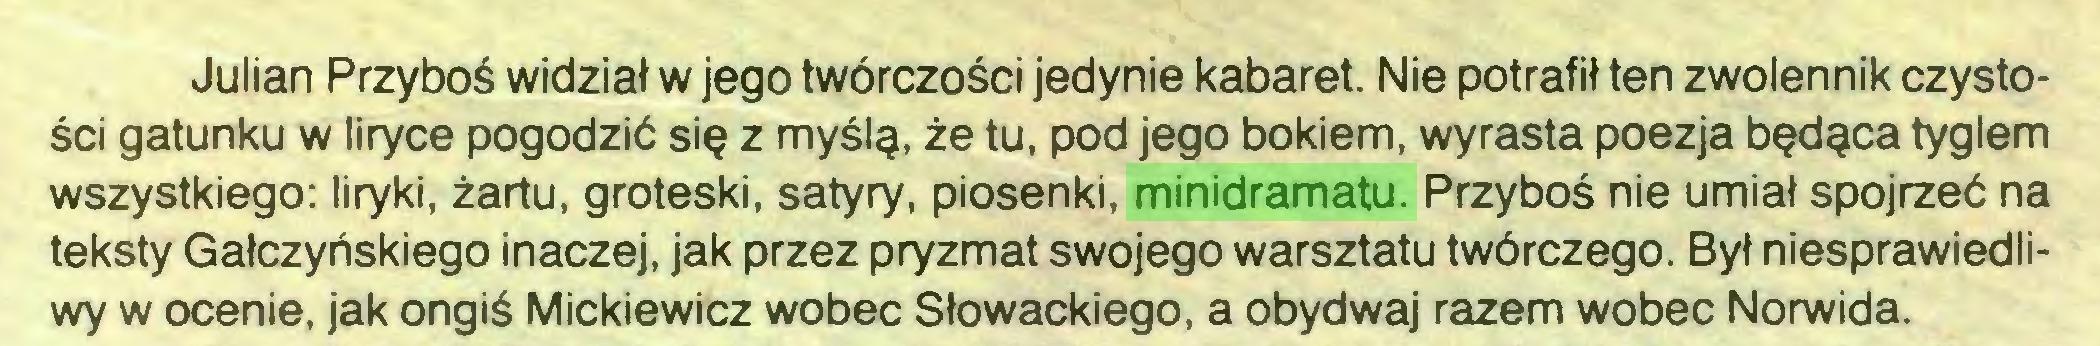 (...) Julian Przyboś widział w jego twórczości jedynie kabaret. Nie potrafił ten zwolennik czystości gatunku w liryce pogodzić się z myślą, że tu, pod jego bokiem, wyrasta poezja będąca tyglem wszystkiego: liryki, żartu, groteski, satyry, piosenki, minidramatu. Przyboś nie umiał spojrzeć na teksty Gałczyńskiego inaczej, jak przez pryzmat swojego warsztatu twórczego. Był niesprawiedliwy w ocenie, jak ongiś Mickiewicz wobec Słowackiego, a obydwaj razem wobec Norwida...